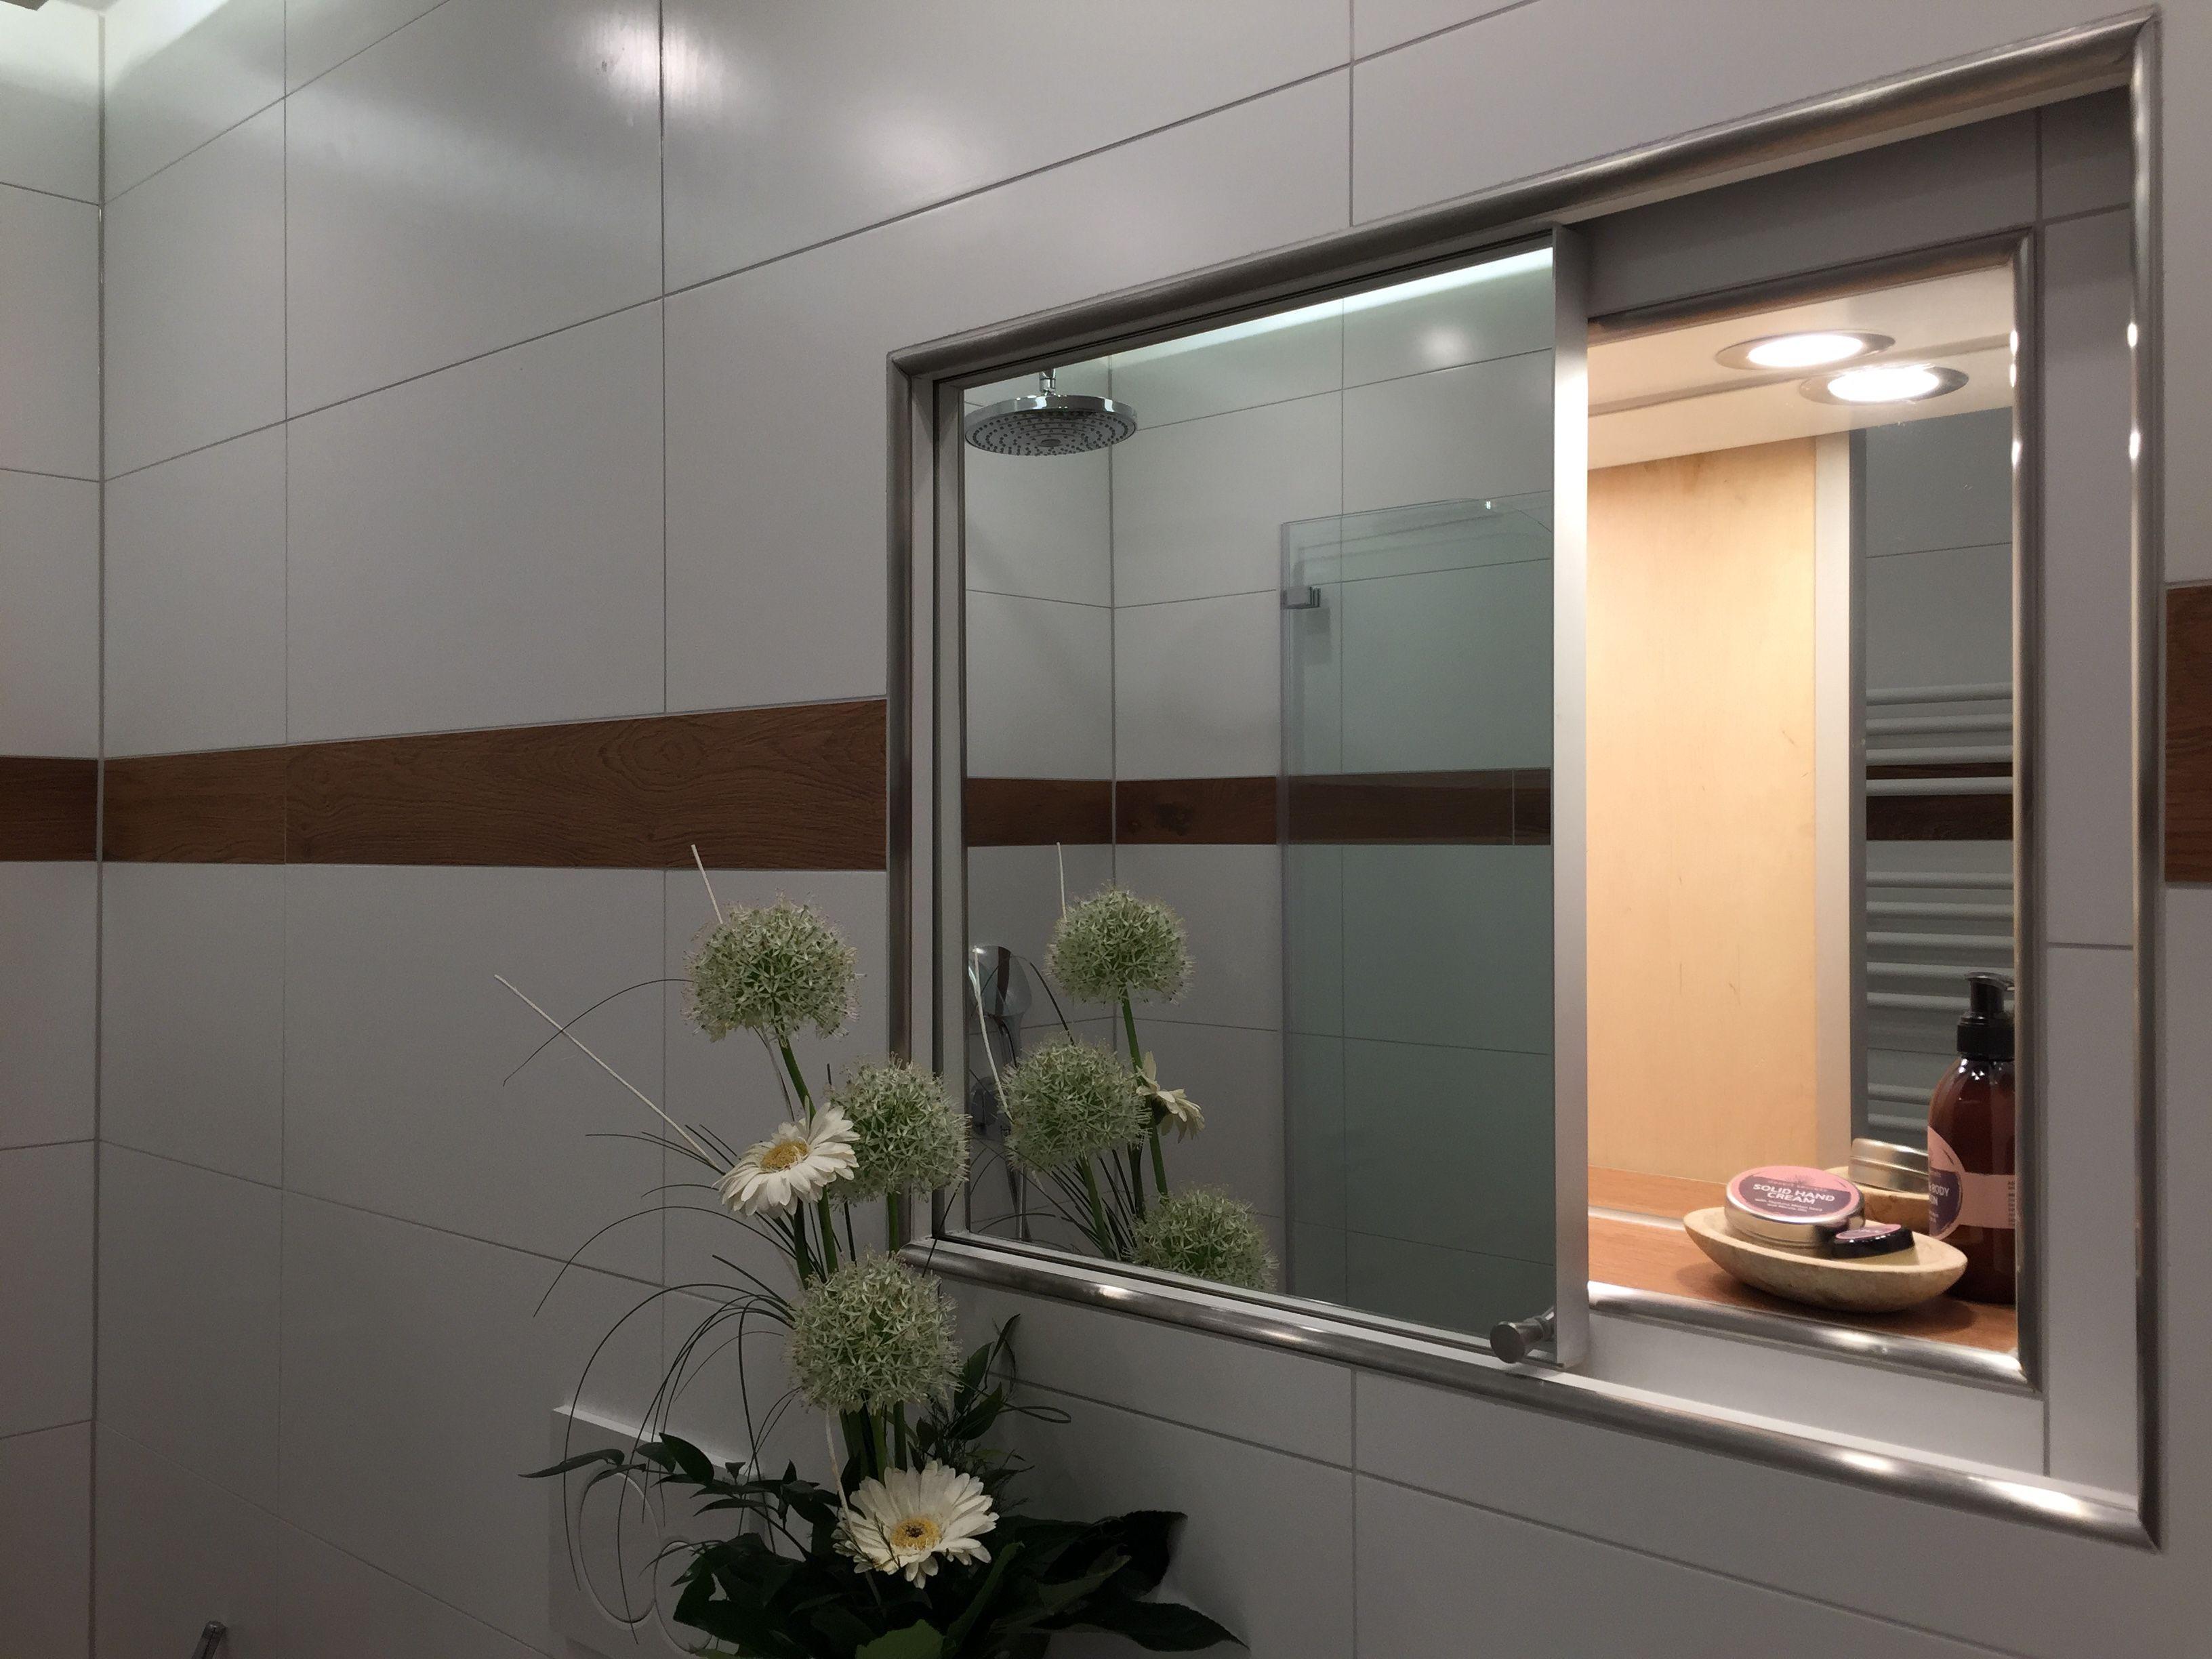 Badezimmer Hochschrank ~ Badezimmer hochschrank 20 cm tief am besten moderne möbel und